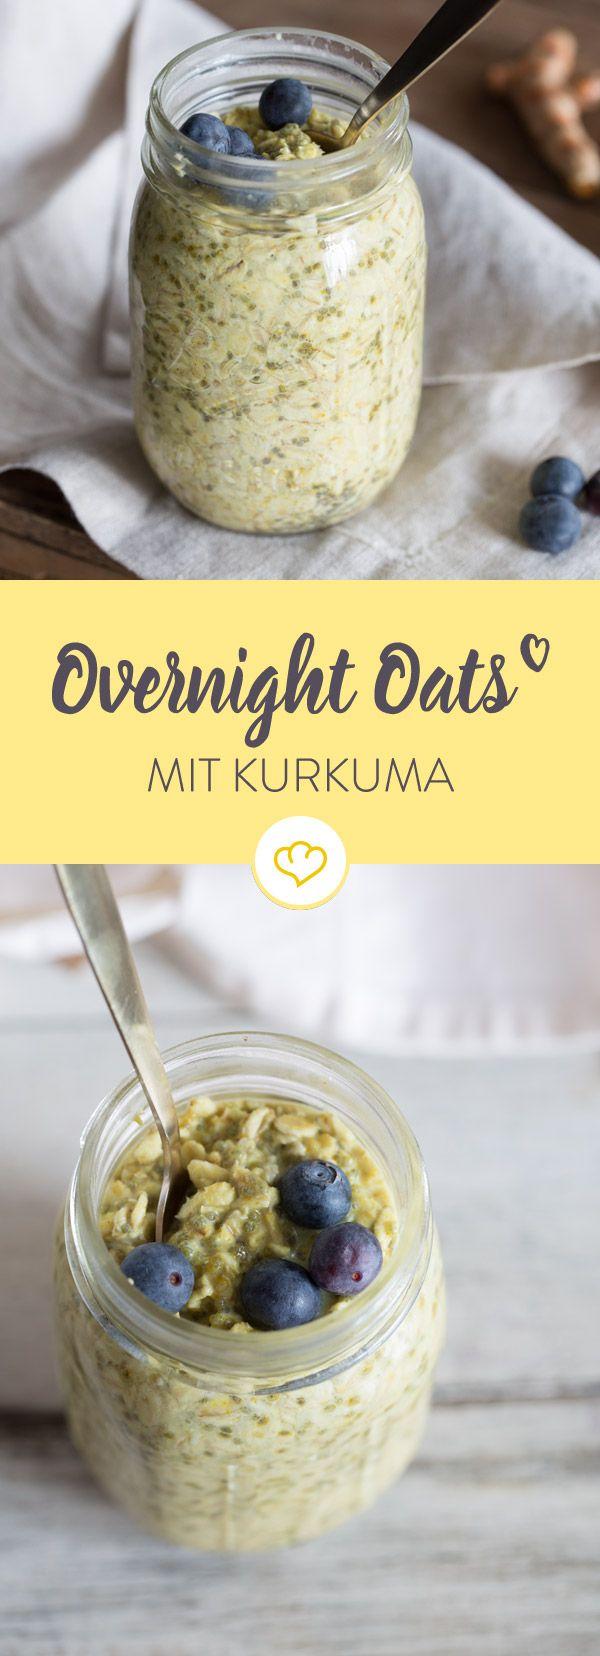 gesunde overnight oats mit kurkuma rezept s e versuchung am morgen fr hst ck pinterest. Black Bedroom Furniture Sets. Home Design Ideas